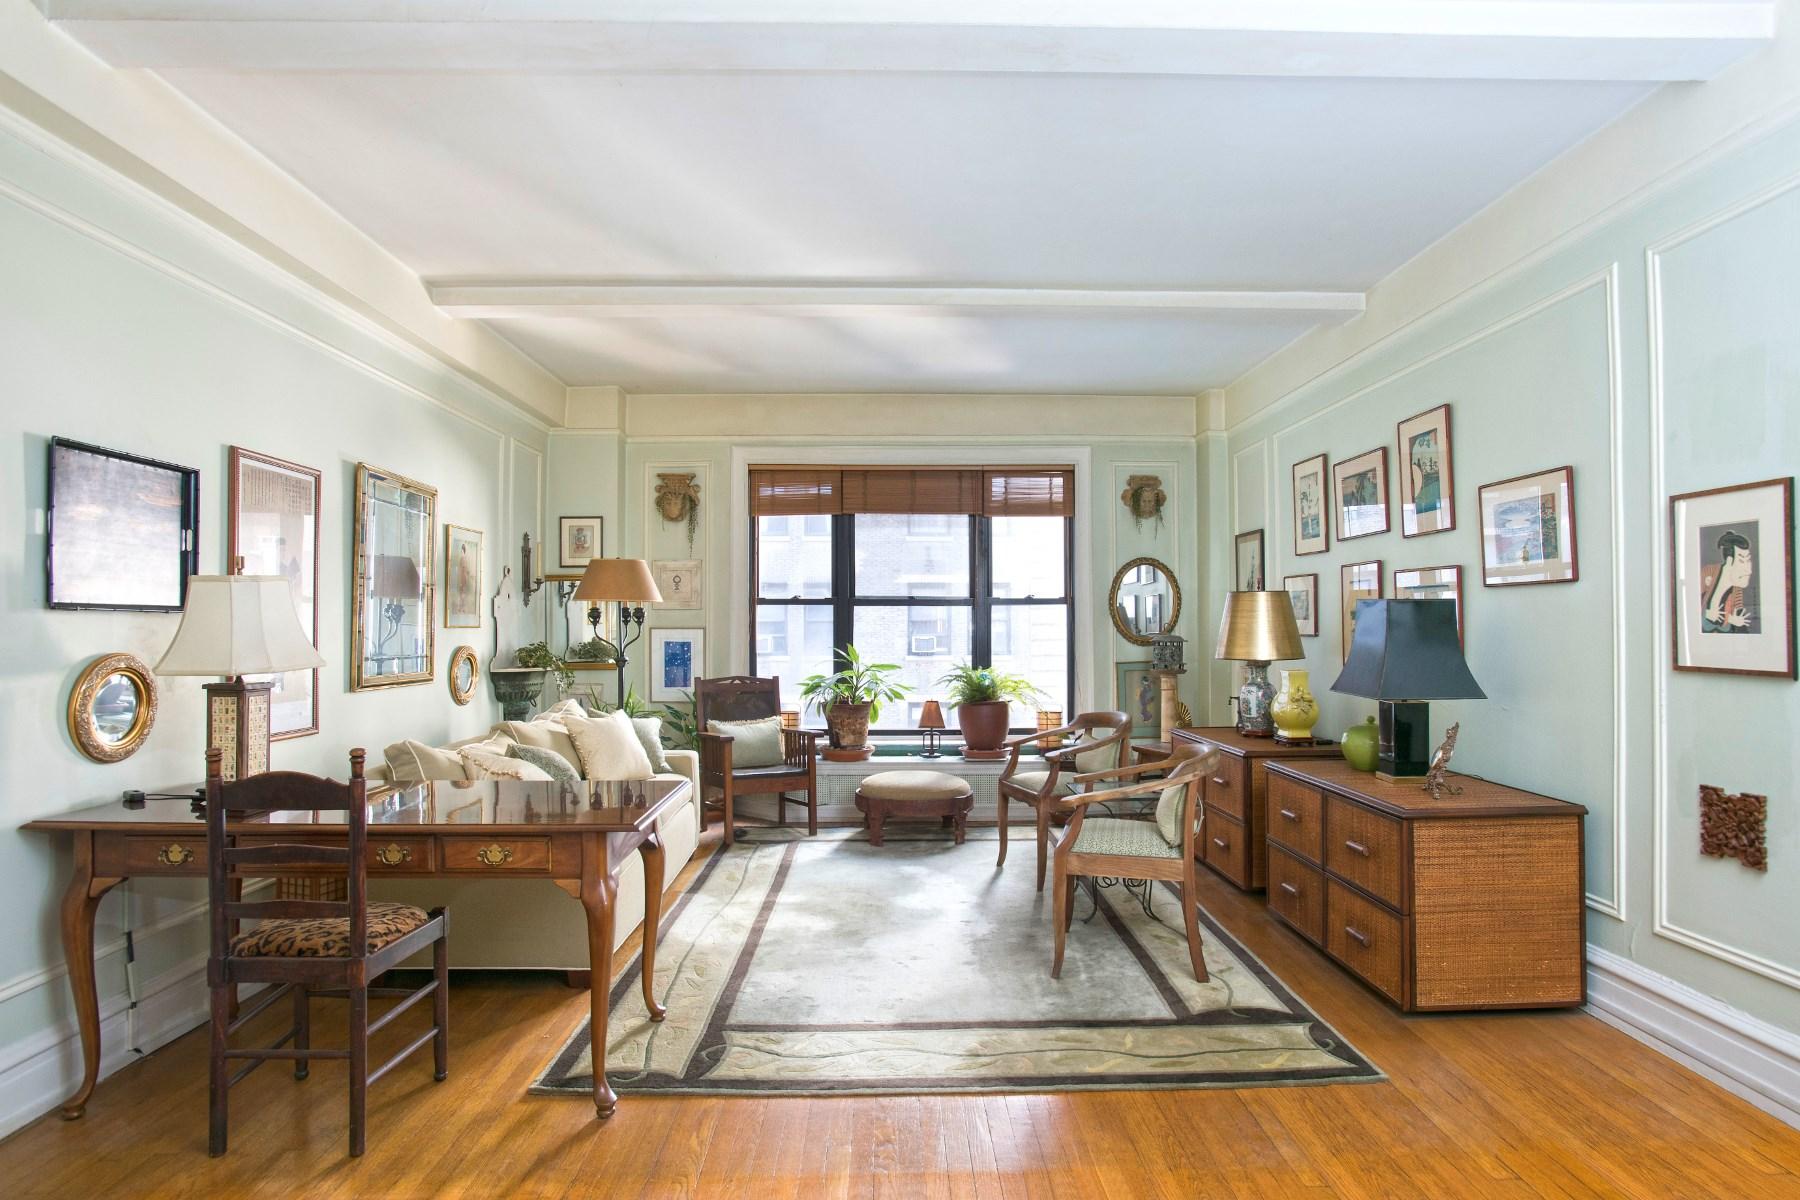 Кооперативная квартира для того Продажа на 150 West 55th Street 150 West 55th Street Apt 6a New York, Нью-Йорк, 10019 Соединенные Штаты